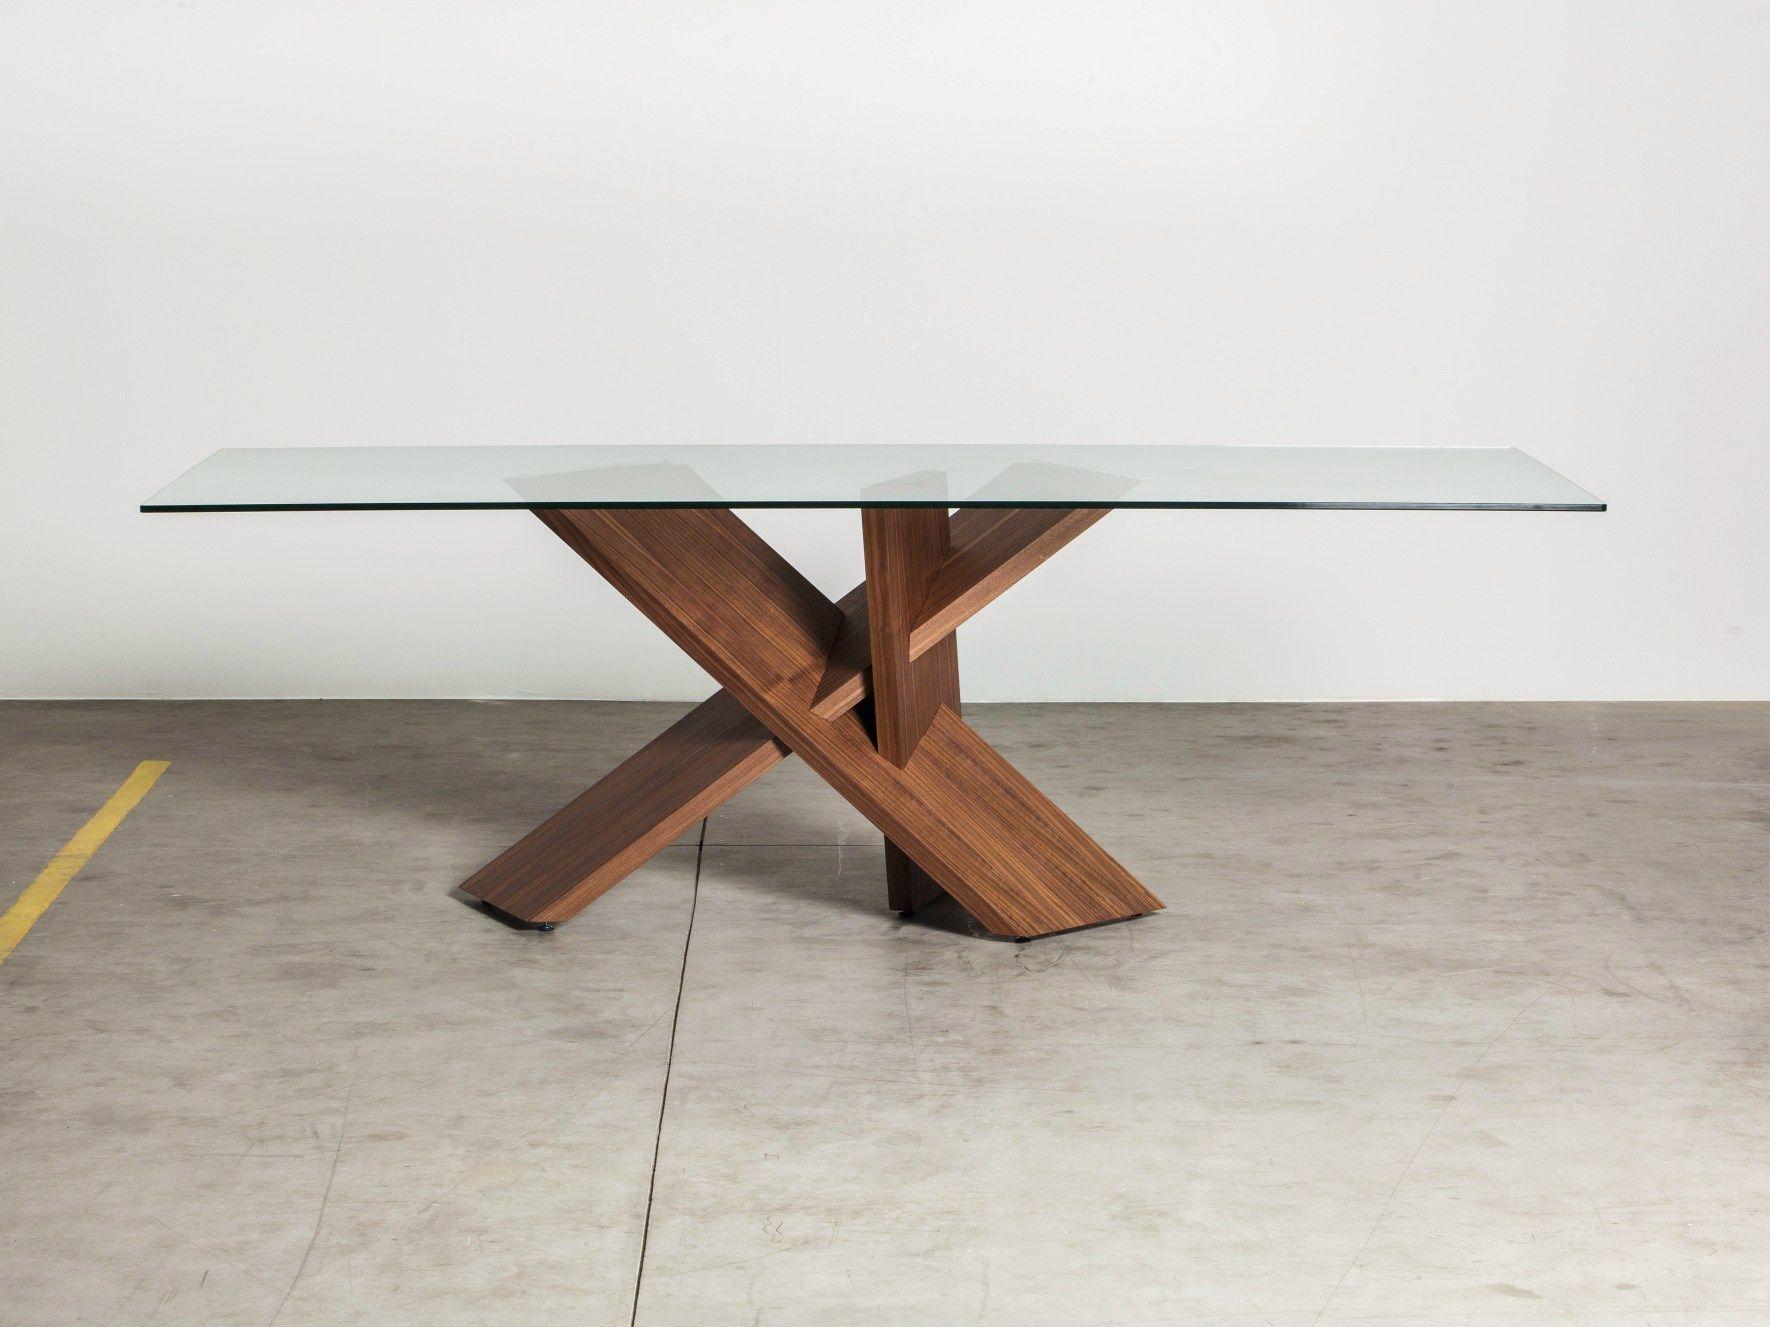 Vidro temperado para mesa com apoio de madeira